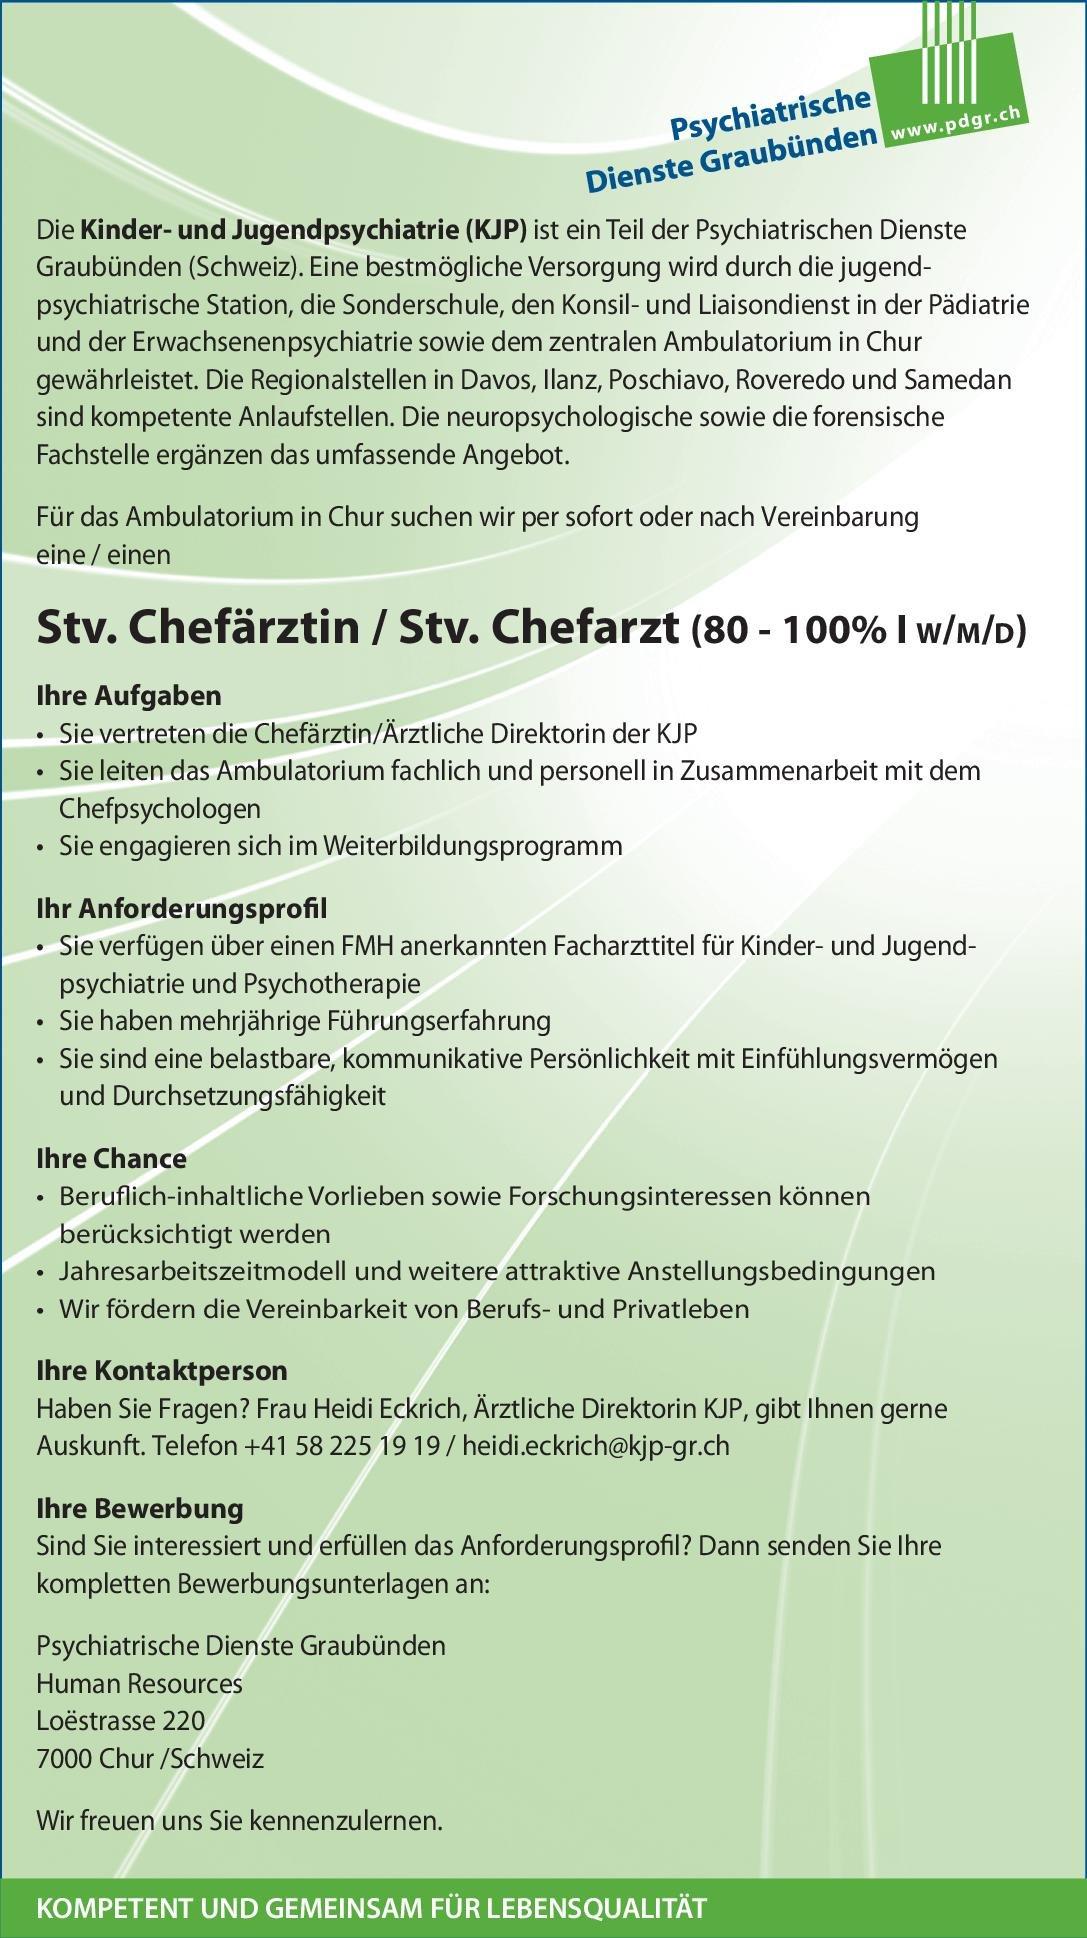 Psychiatrische Dienste Graubünden Stv. Chefärztin / Stv. Chefarzt Kinder- und Jugendpsychiatrie und Psychotherapie Kinder- und Jugendpsychiatrie und -psychotherapie Chefarzt